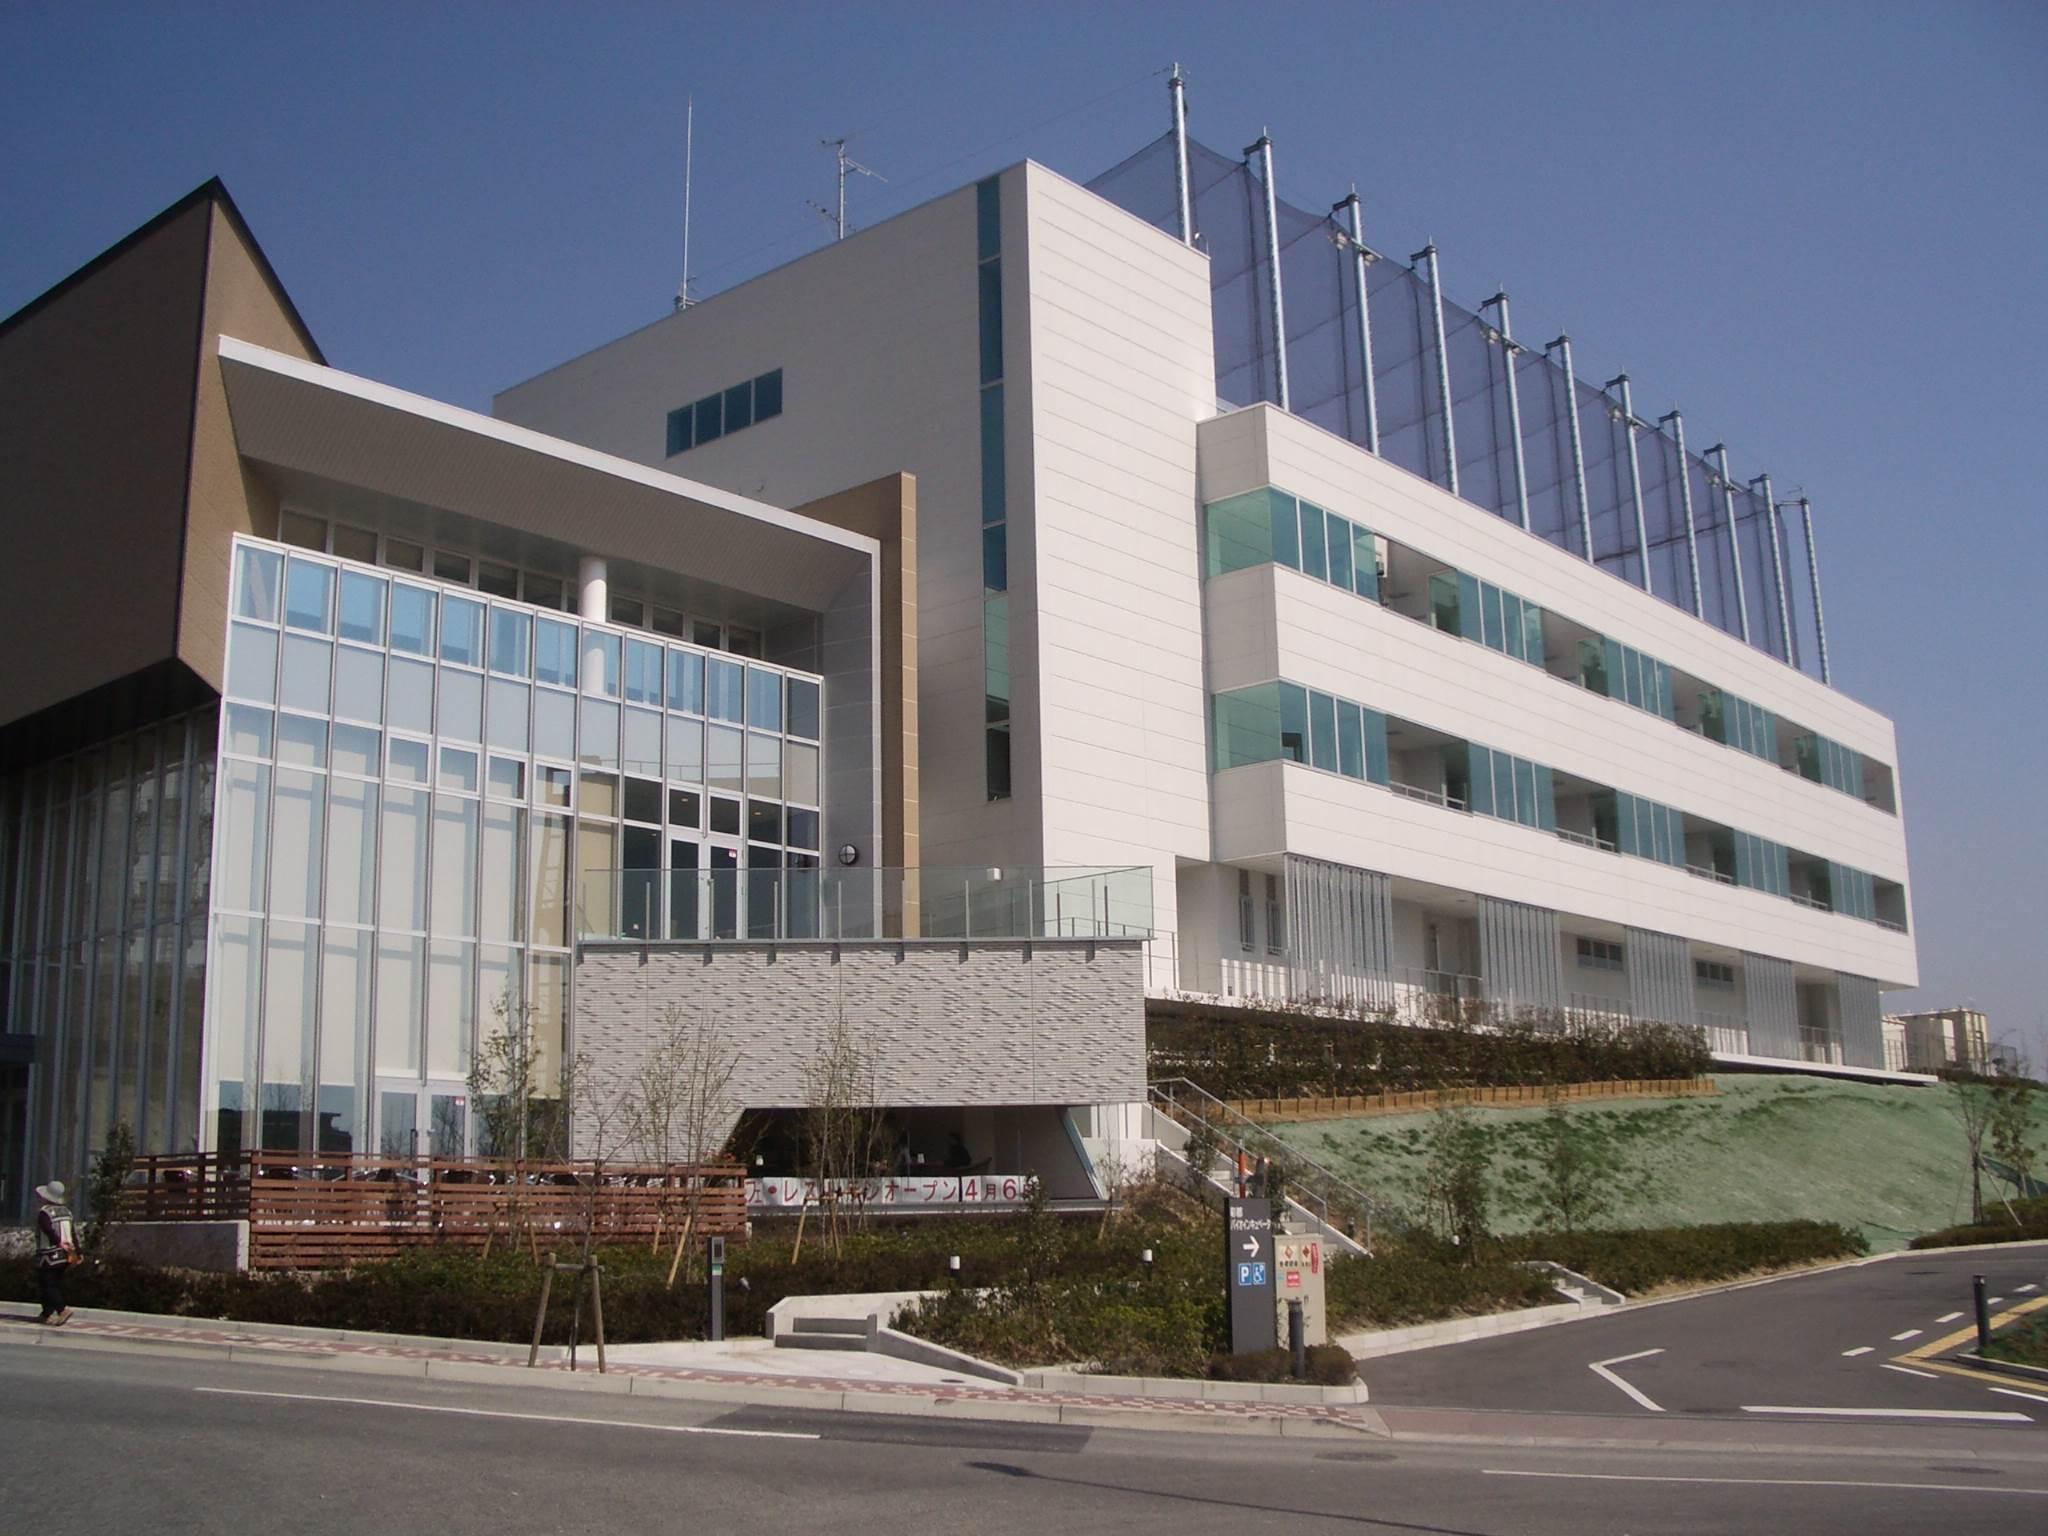 彩都バイオヒルズセンターの外観写真です。